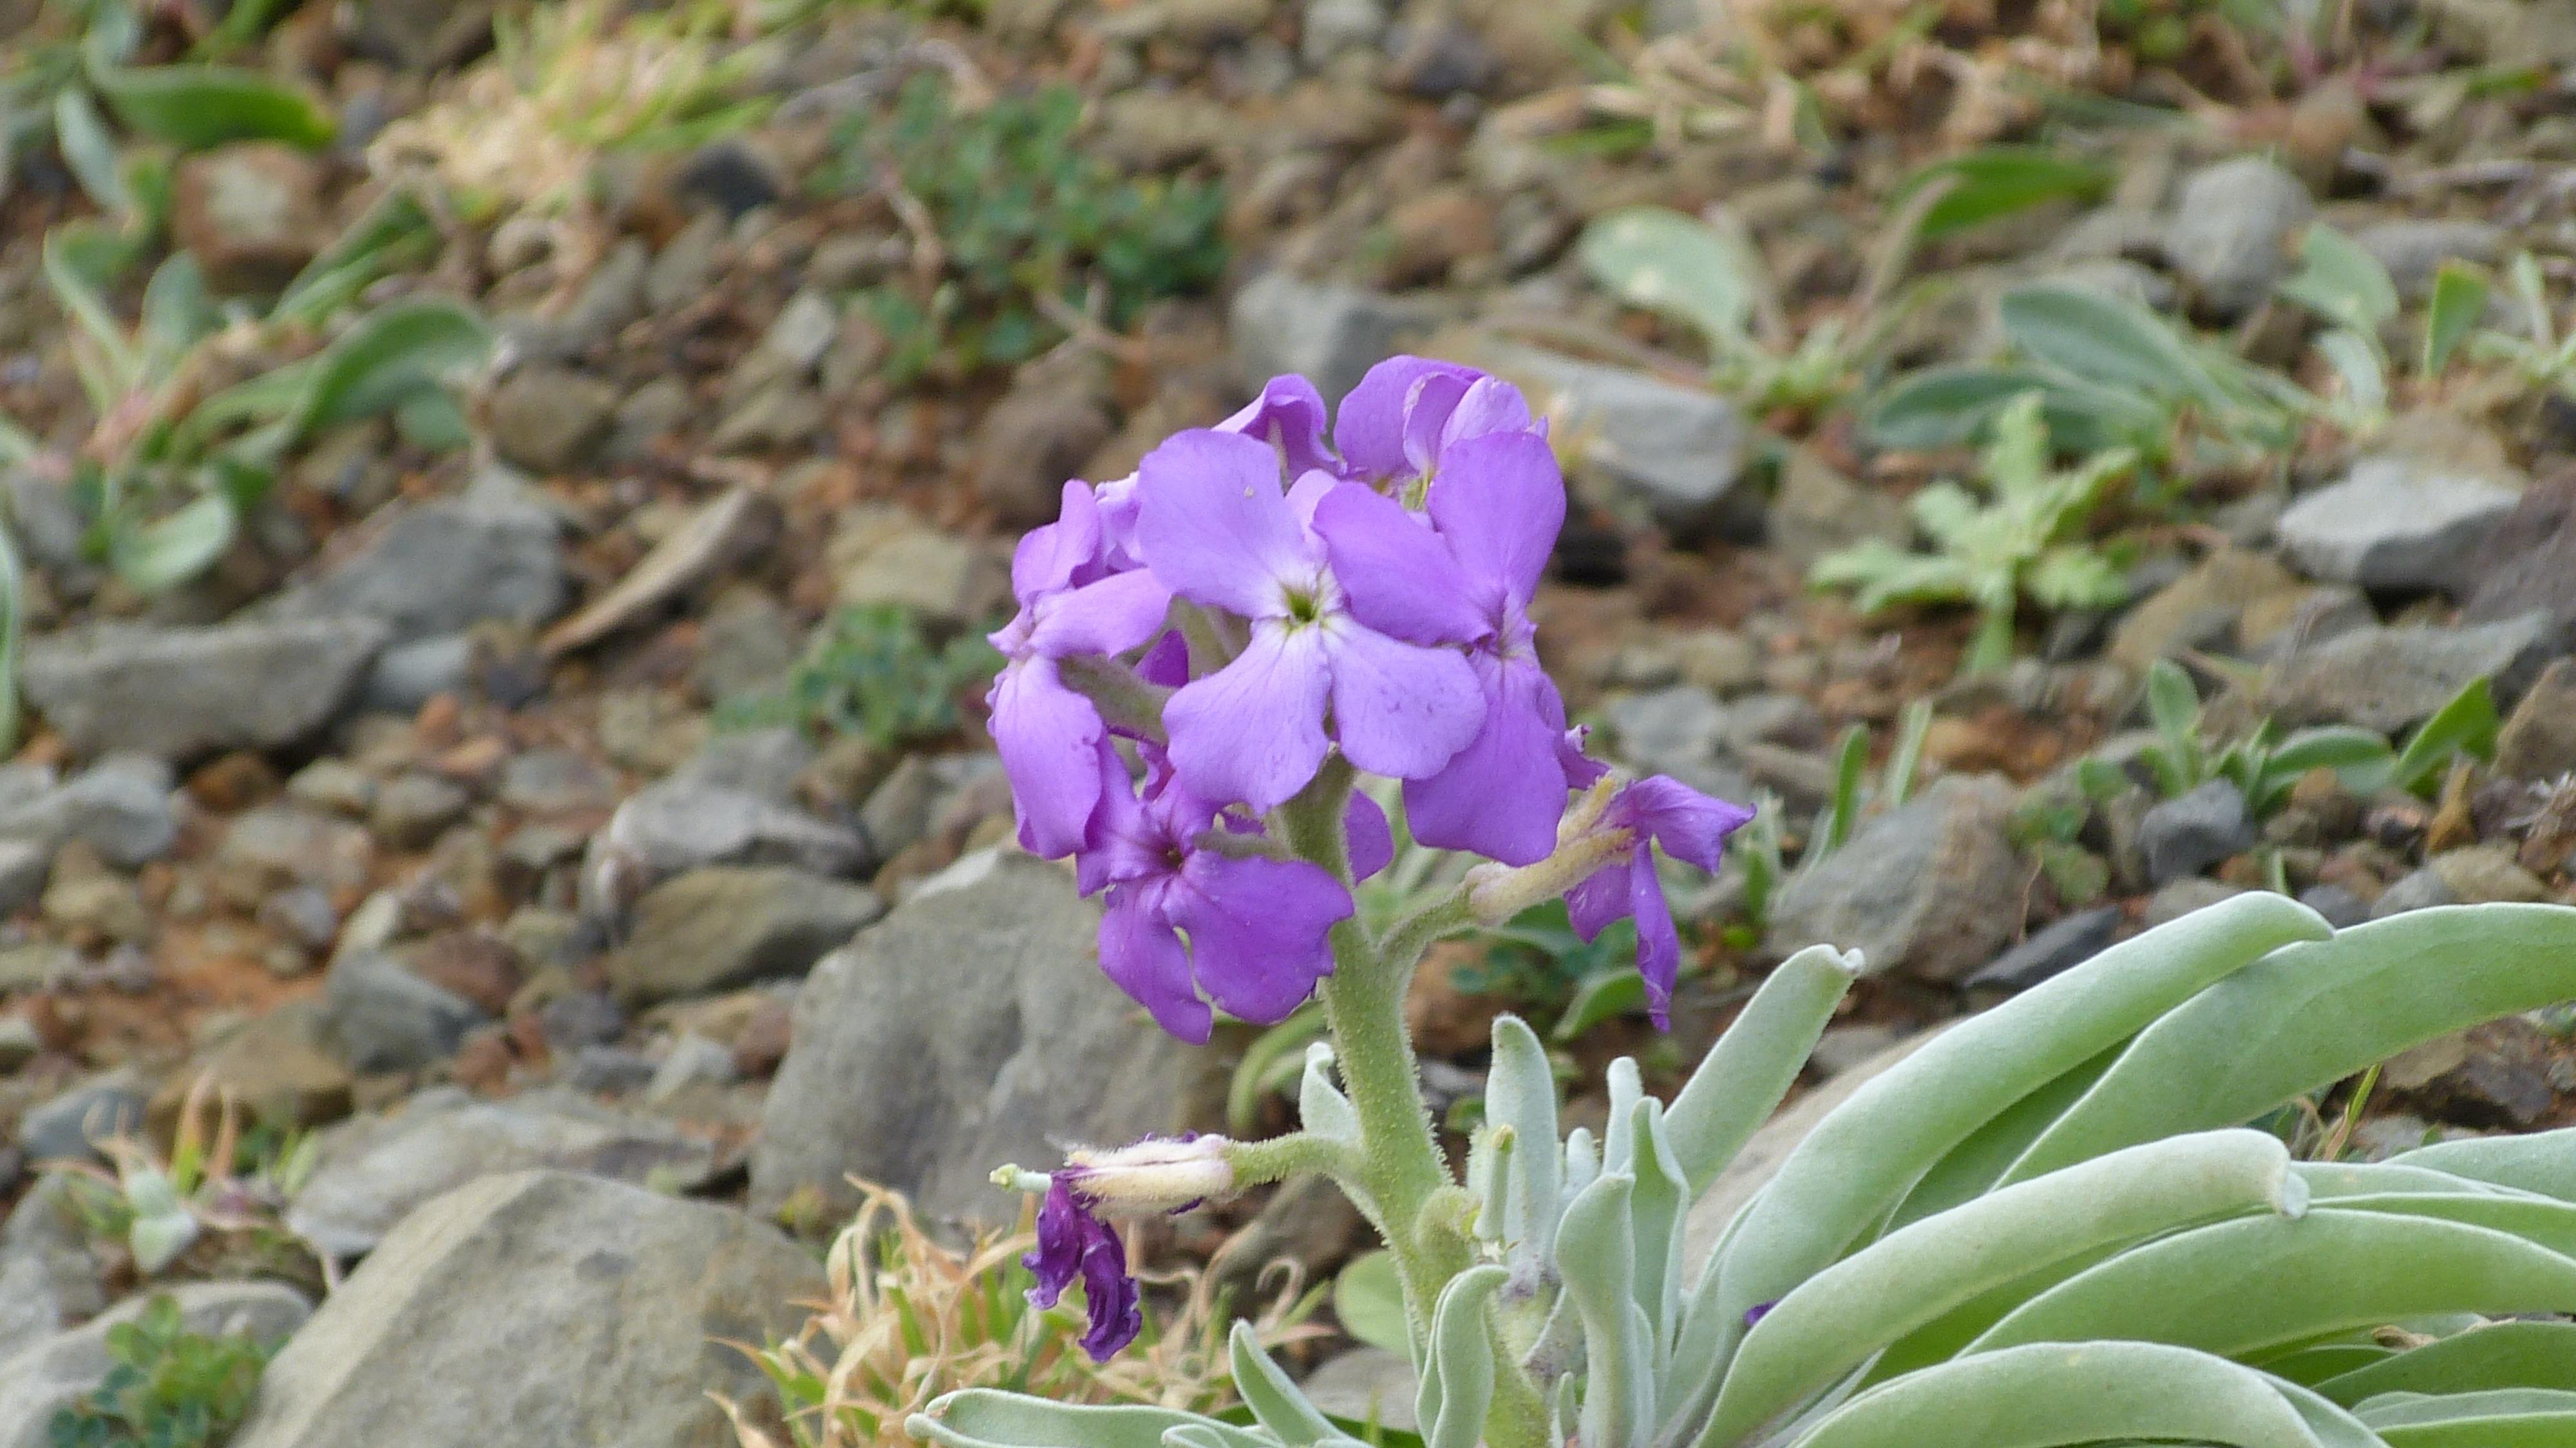 Images gratuites fleur violet botanique jardin flore fleur sauvage portugal mad re - Image fleur violette gratuite ...